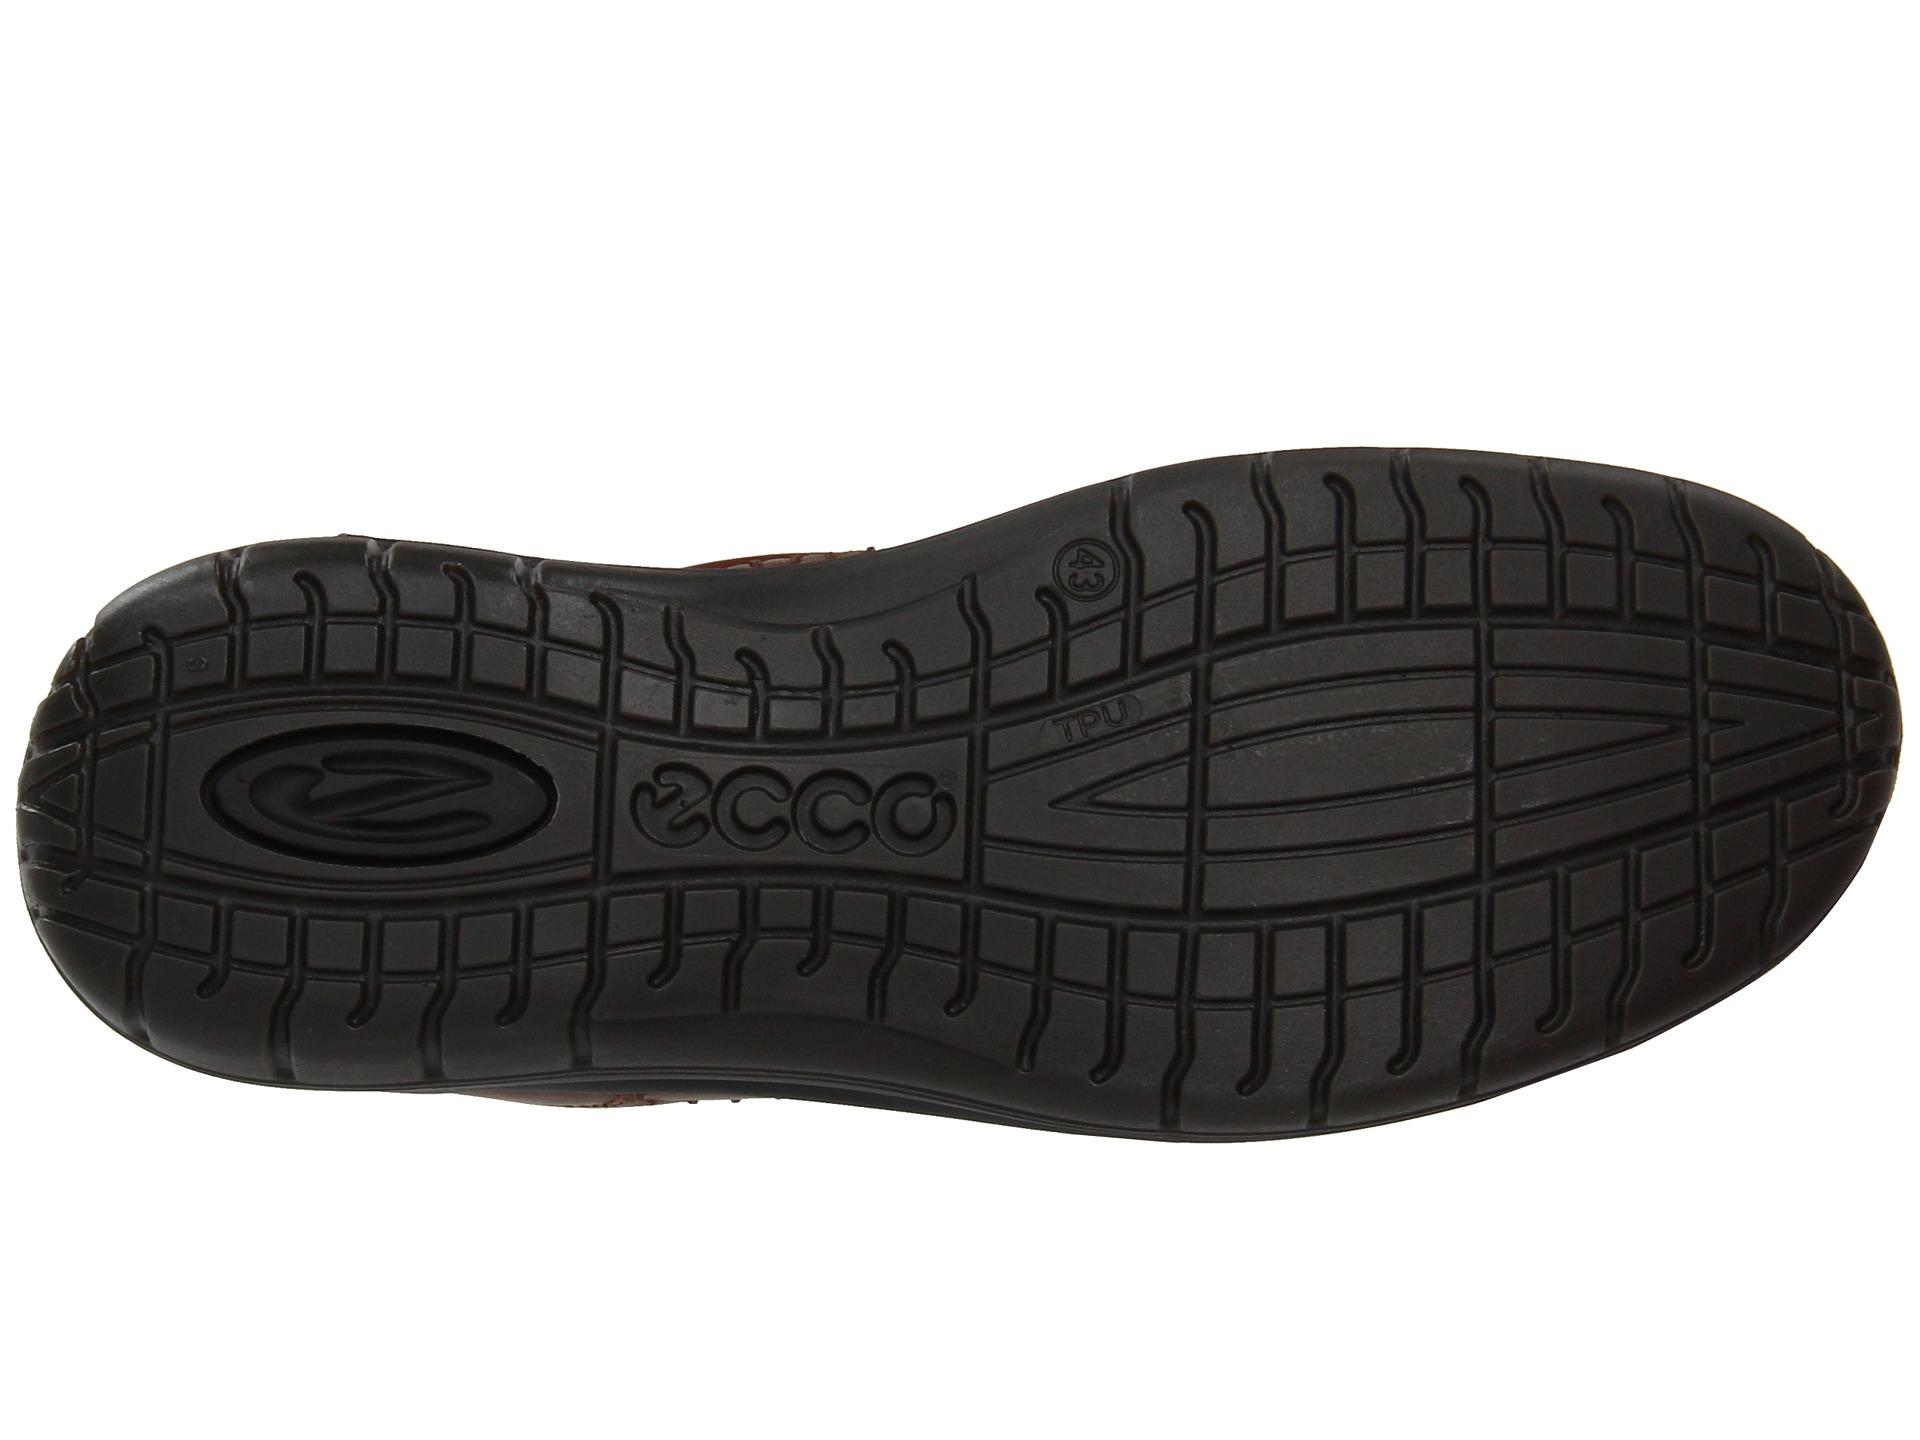 Buy Ecco Shoes SeaWalker Tie on US$86.69